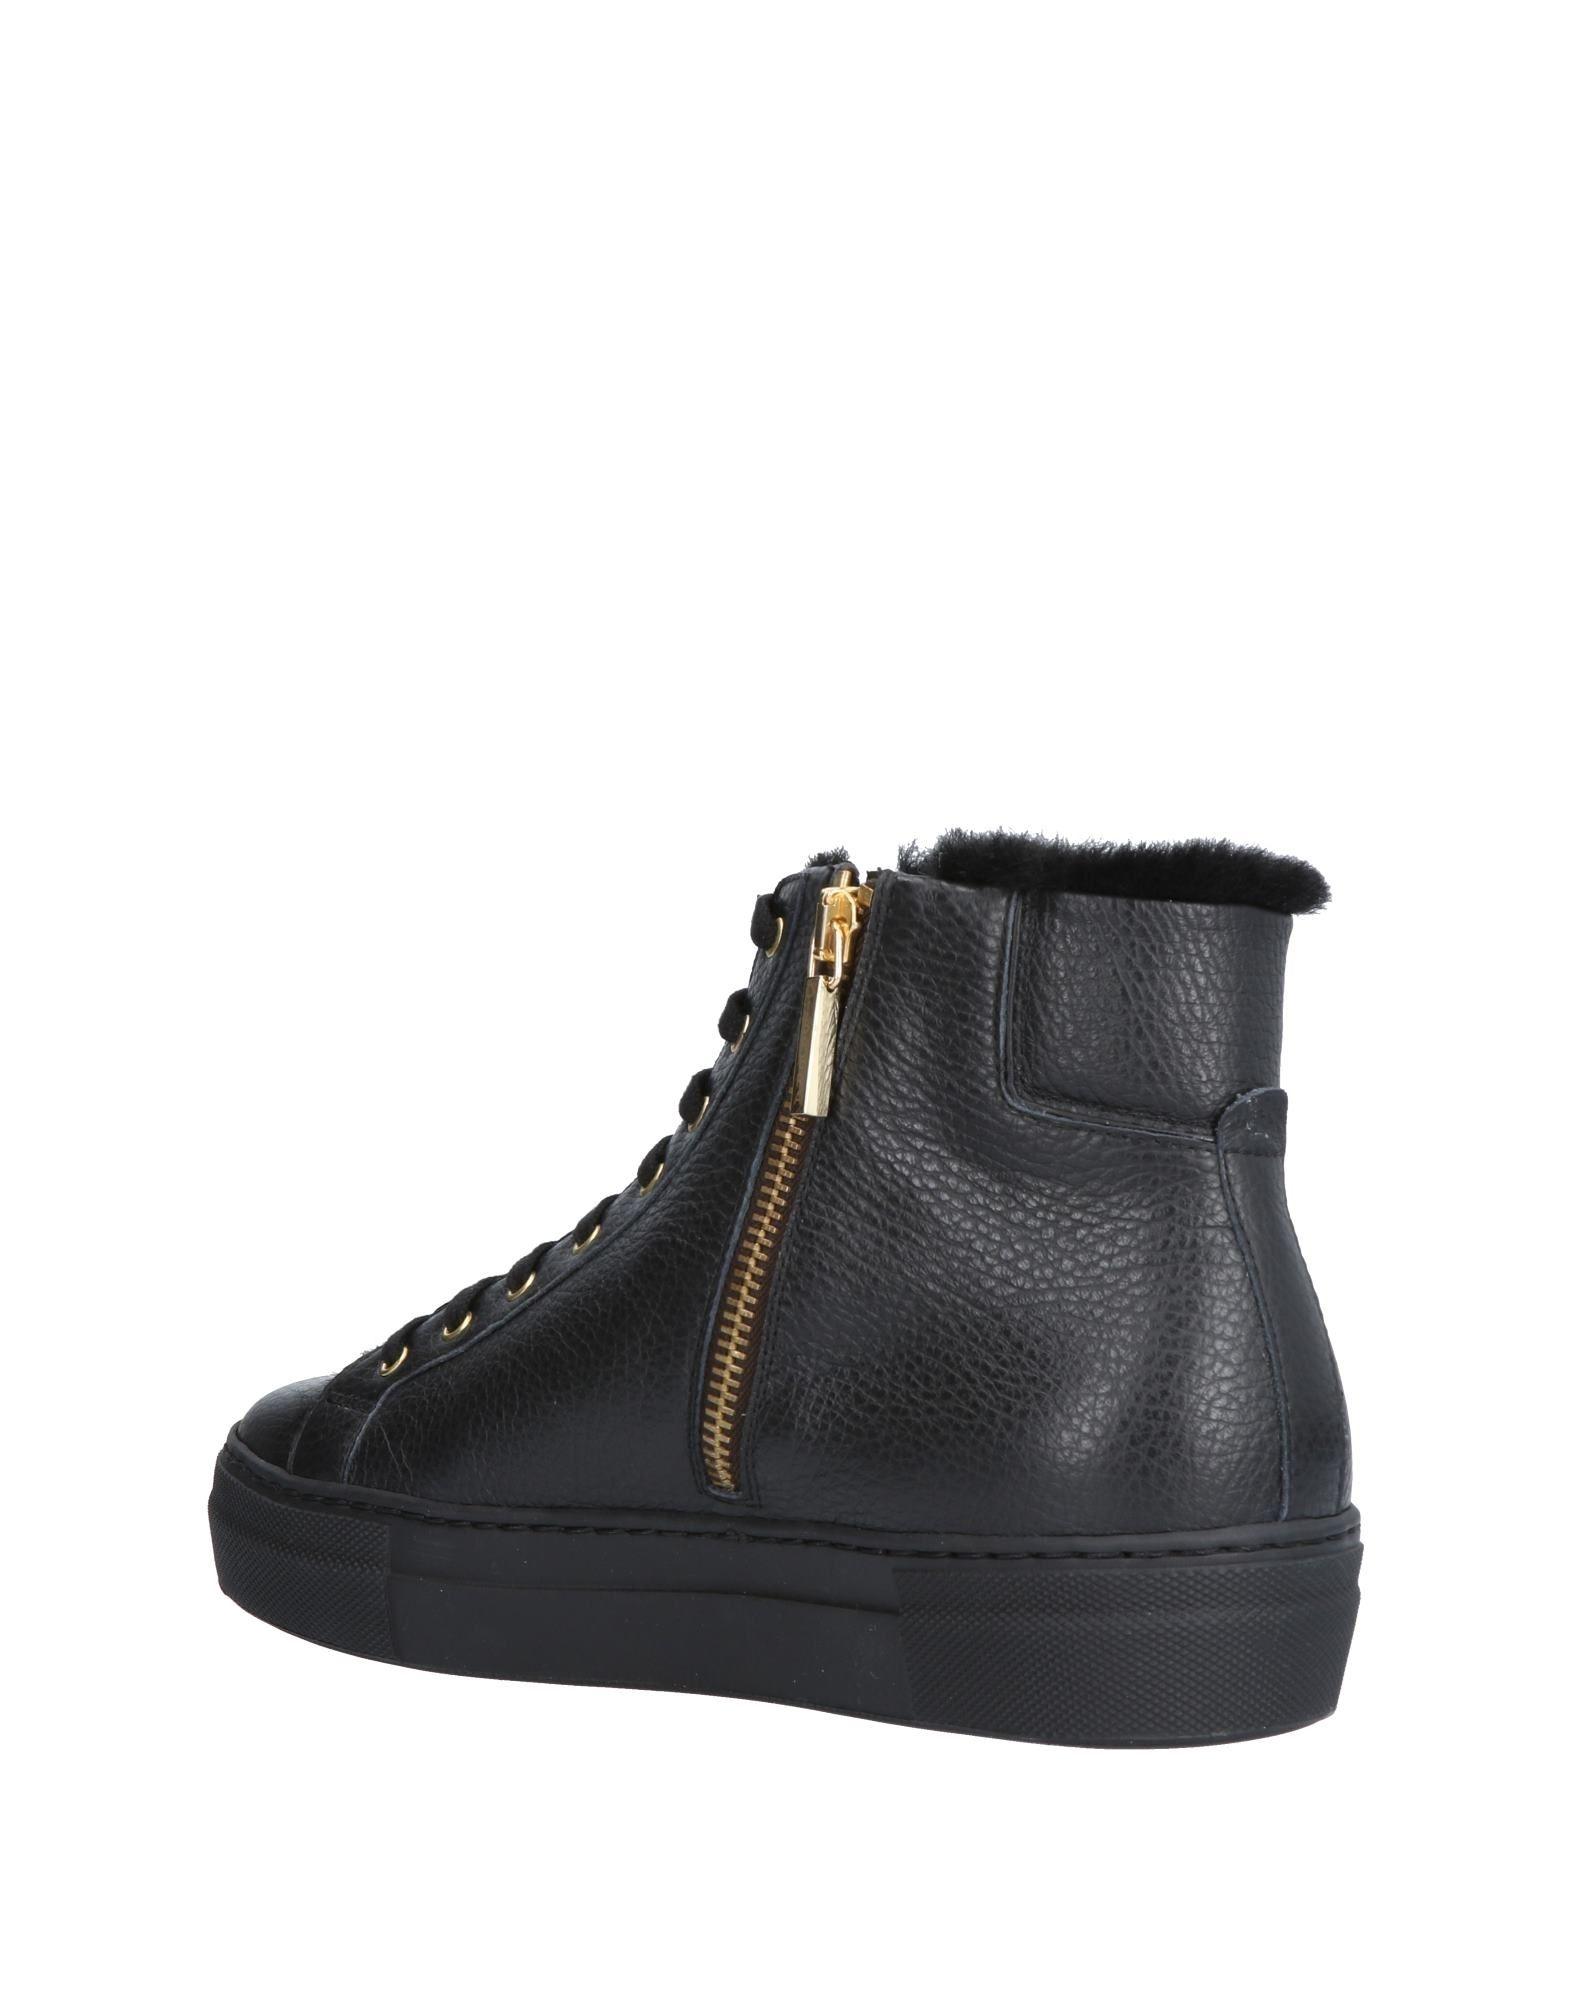 Stilvolle billige Schuhe Dibrera Damen By Paolo Zanoli Sneakers Damen Dibrera  11446948NQ f1f2c4